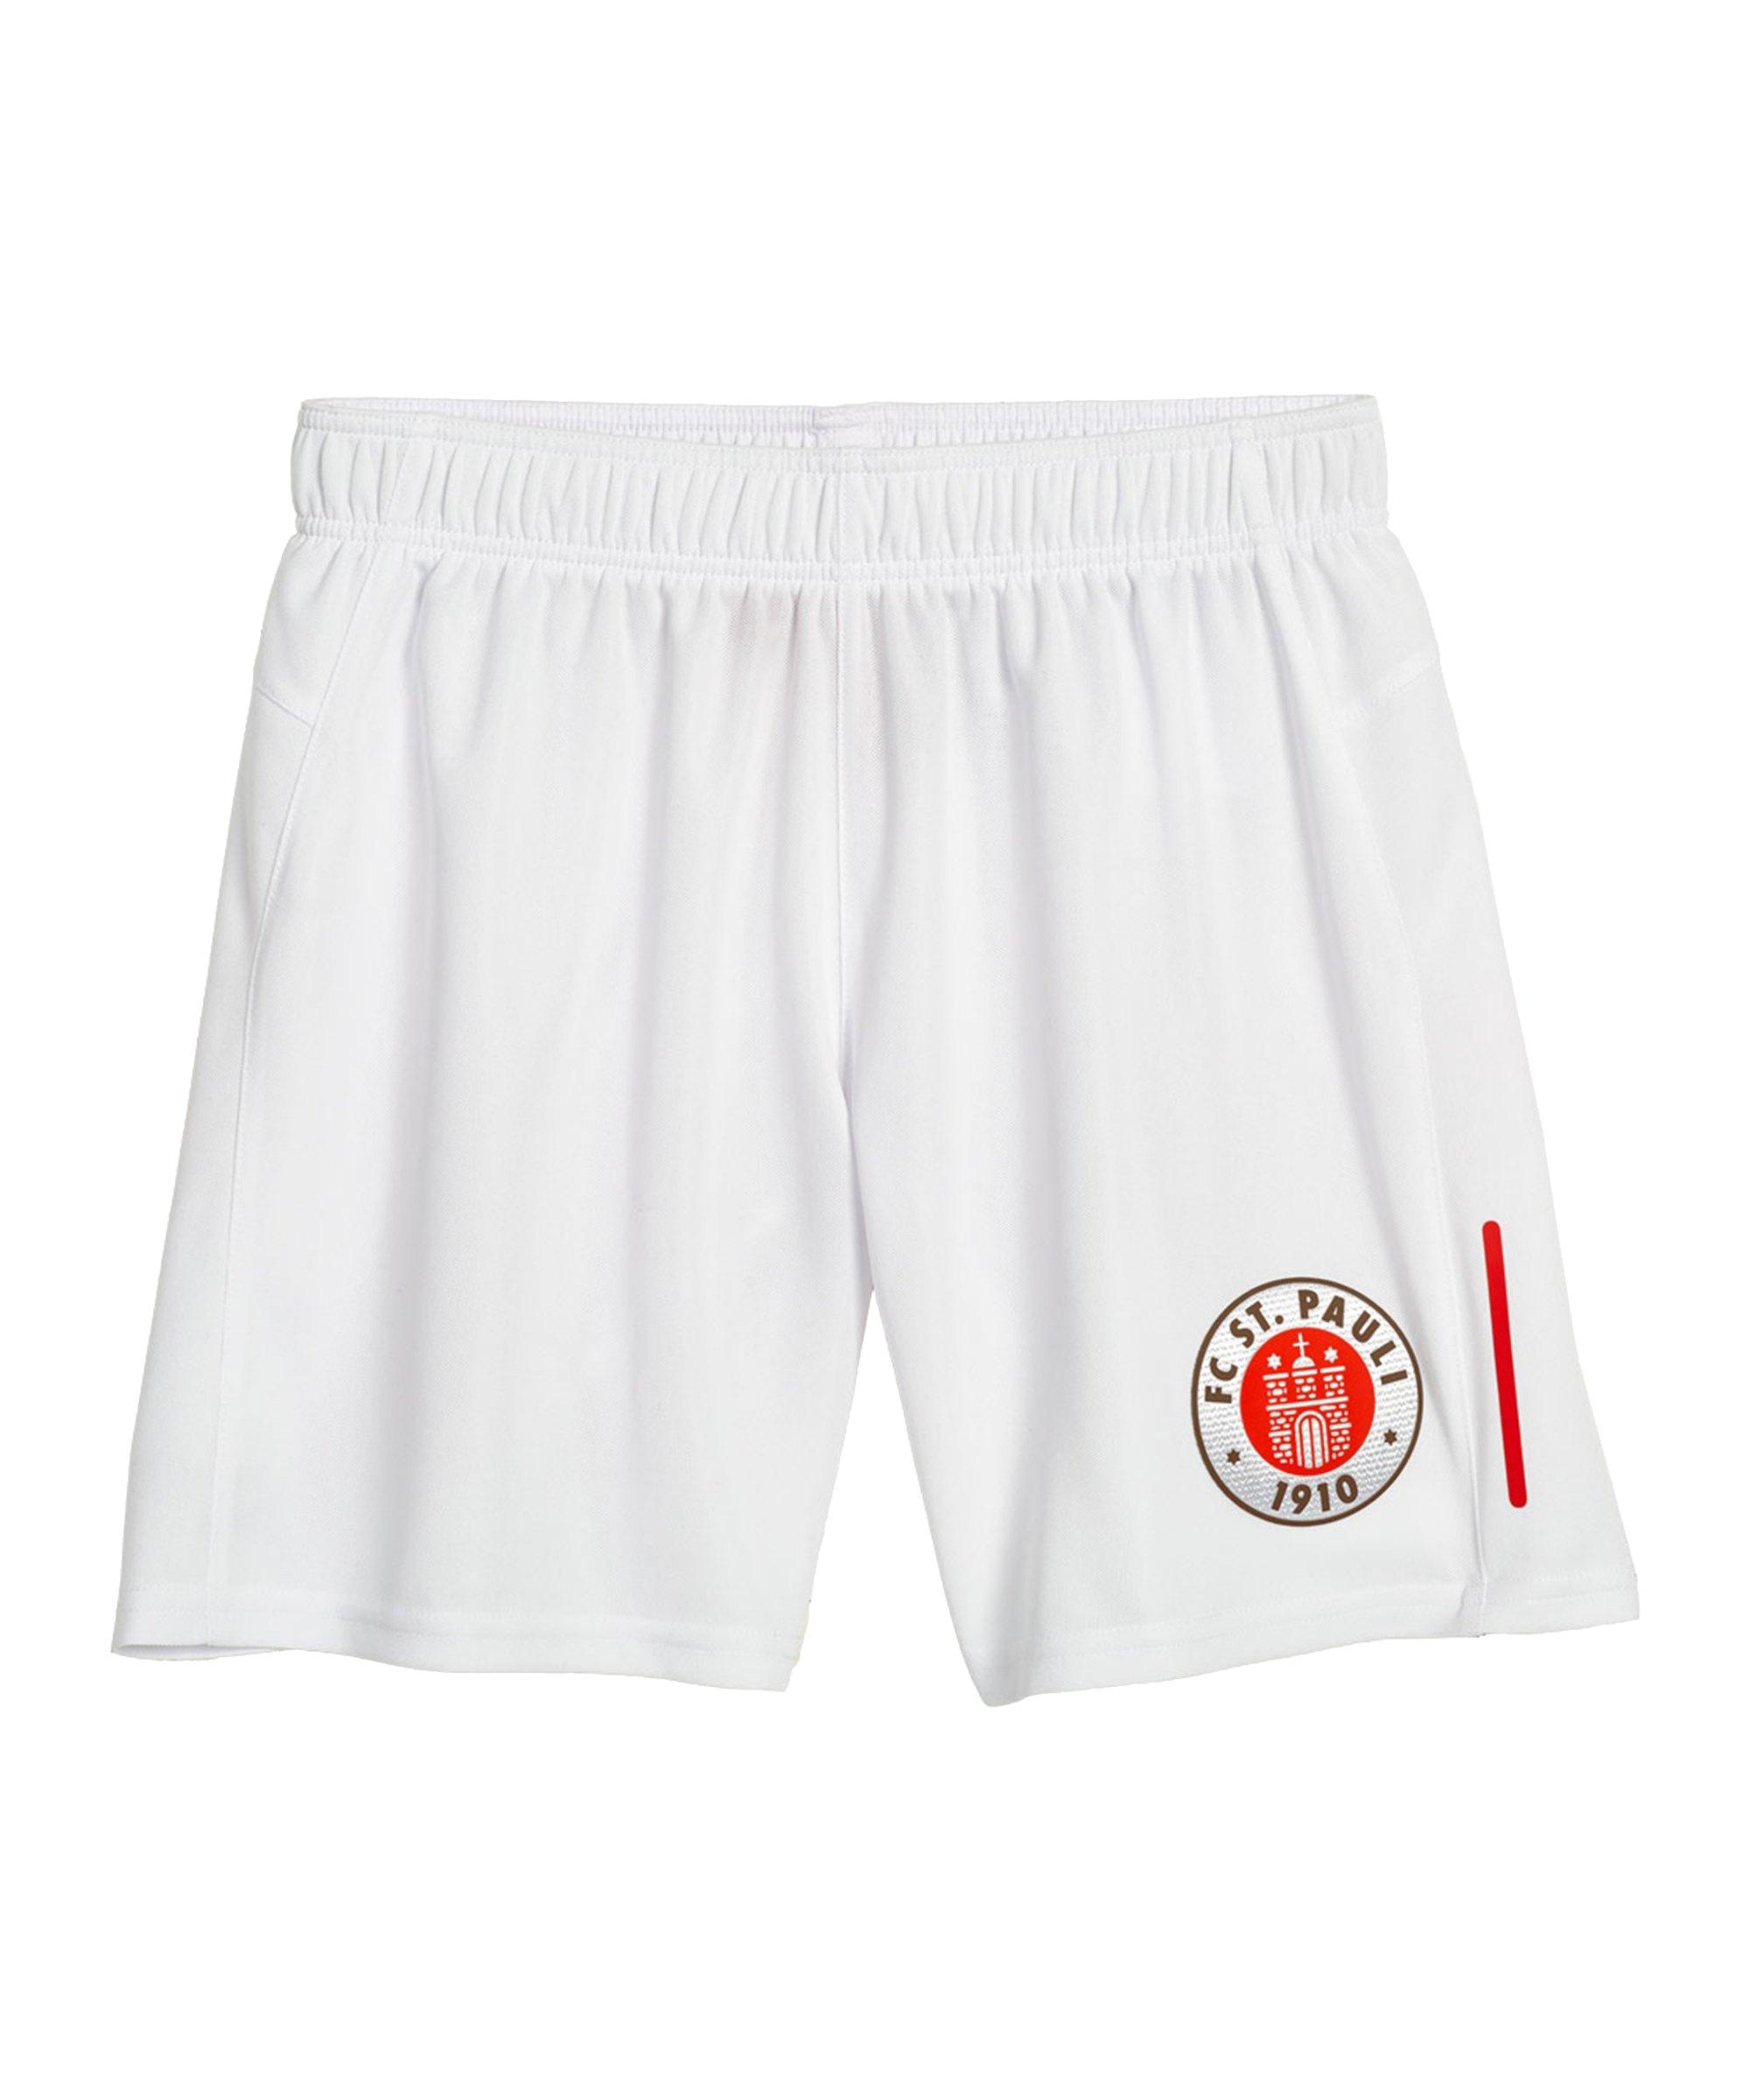 DIIY FC St. Pauli Short Away 2021/2022 Weiss - weiss